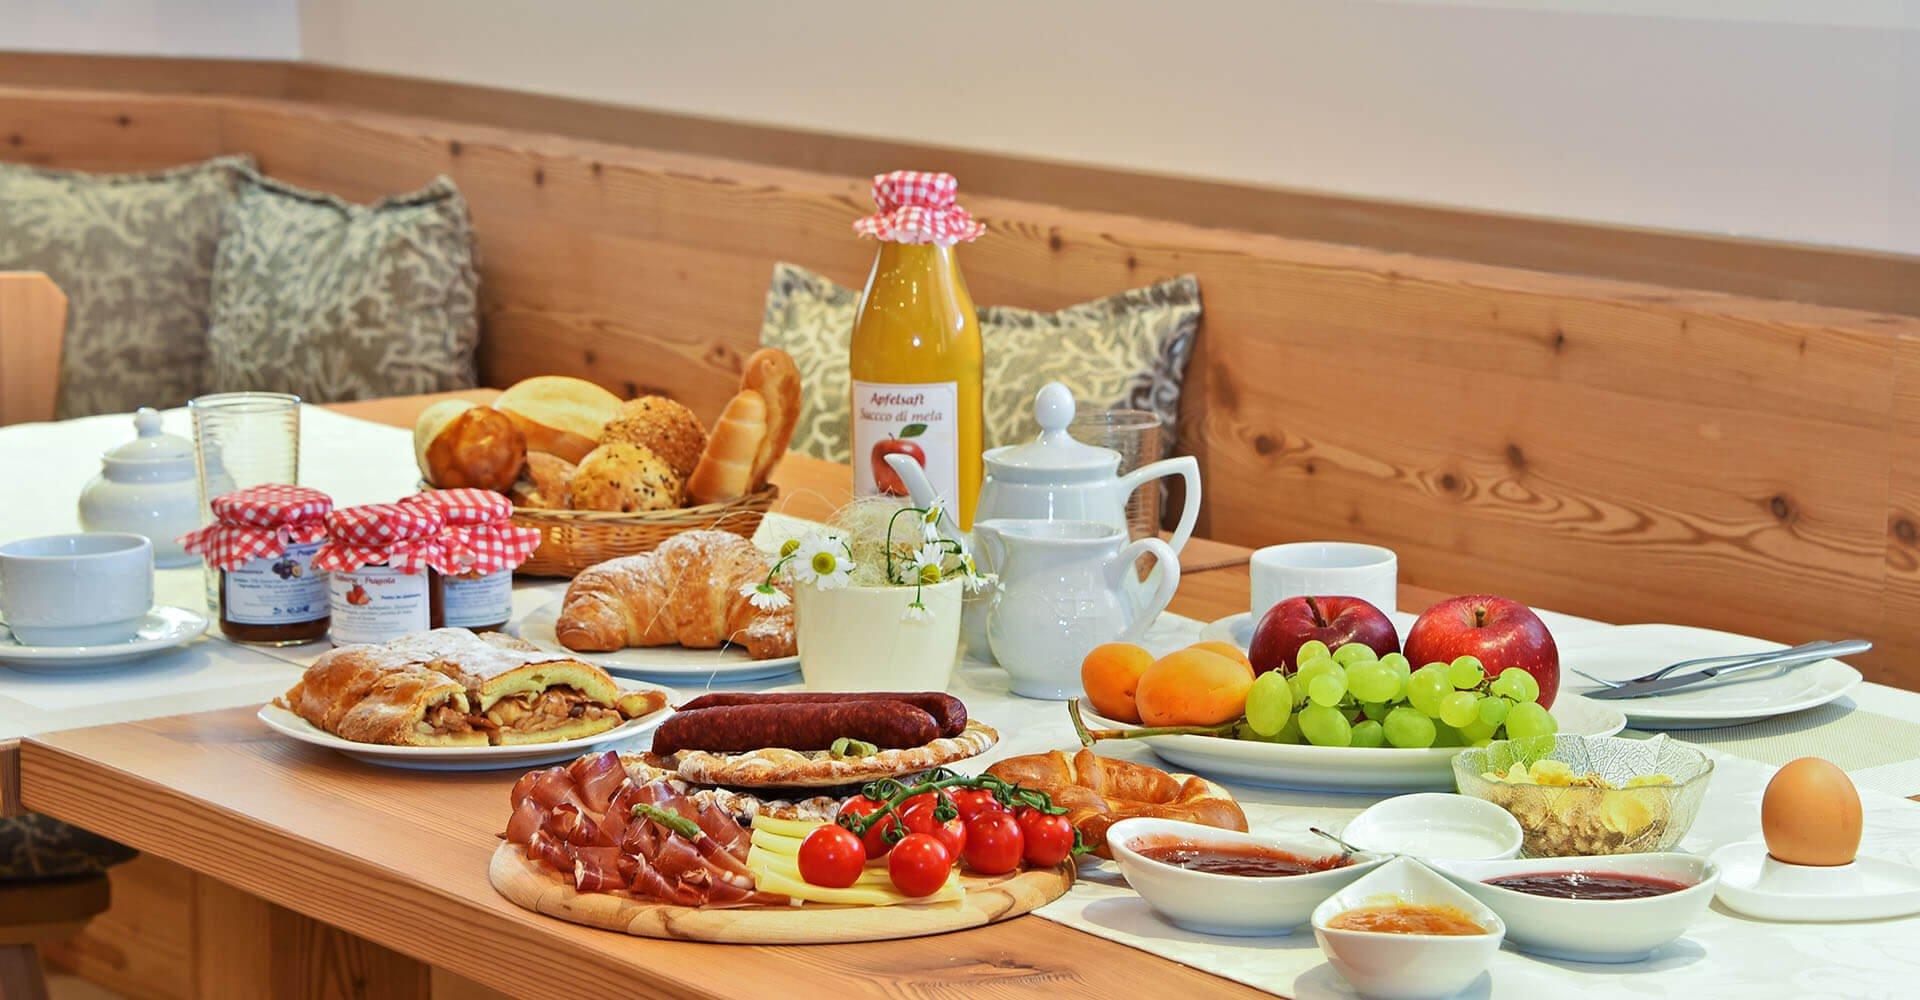 Frühstückskorb mit frischen Produkten | Frühstück in hofeigener Hausbar